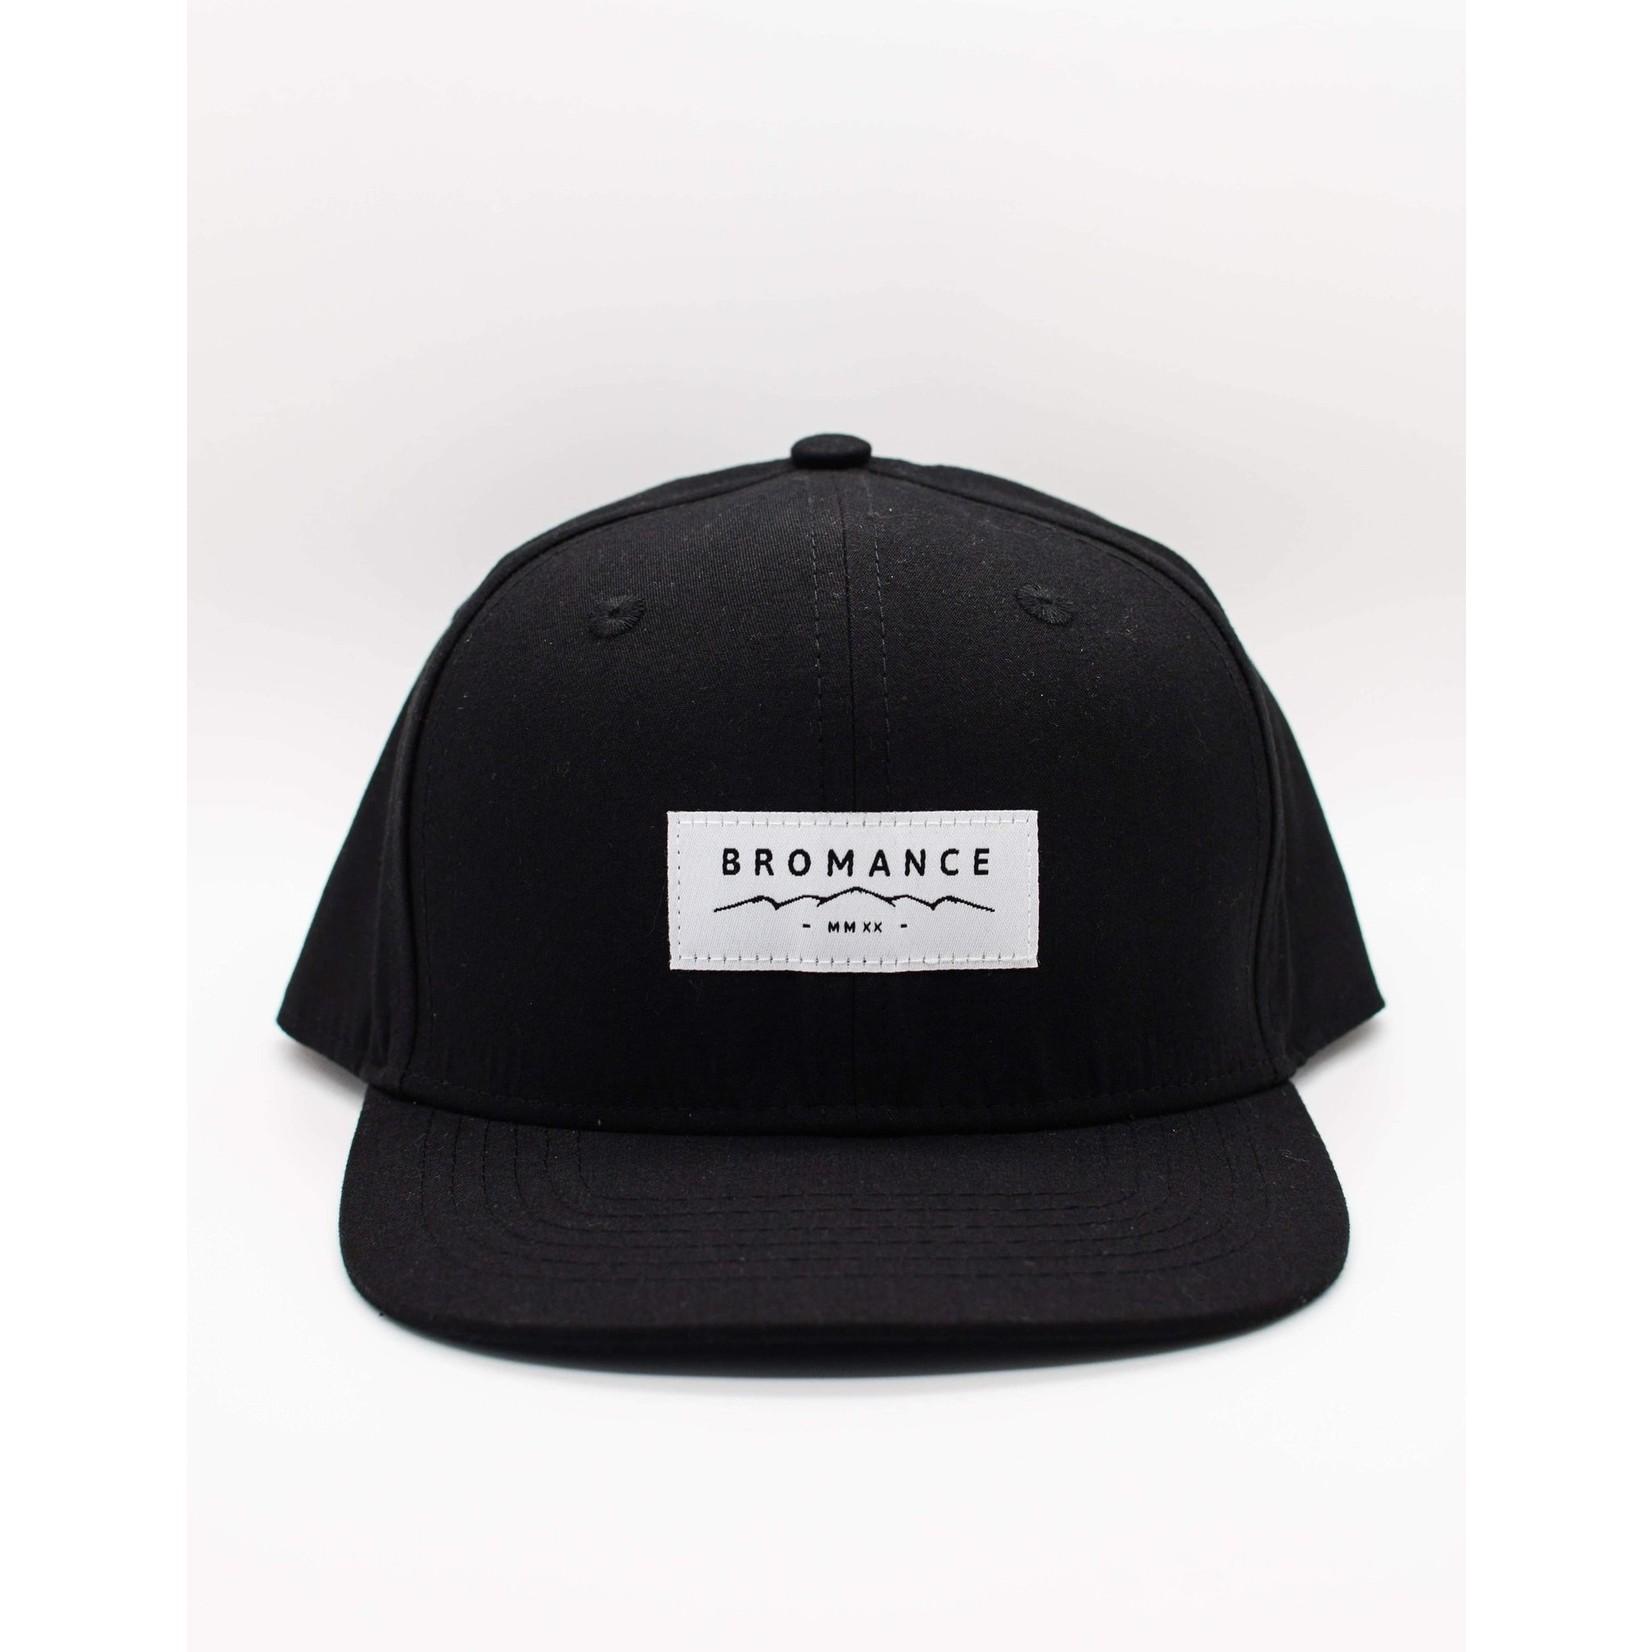 Bromance || Casquette All Black